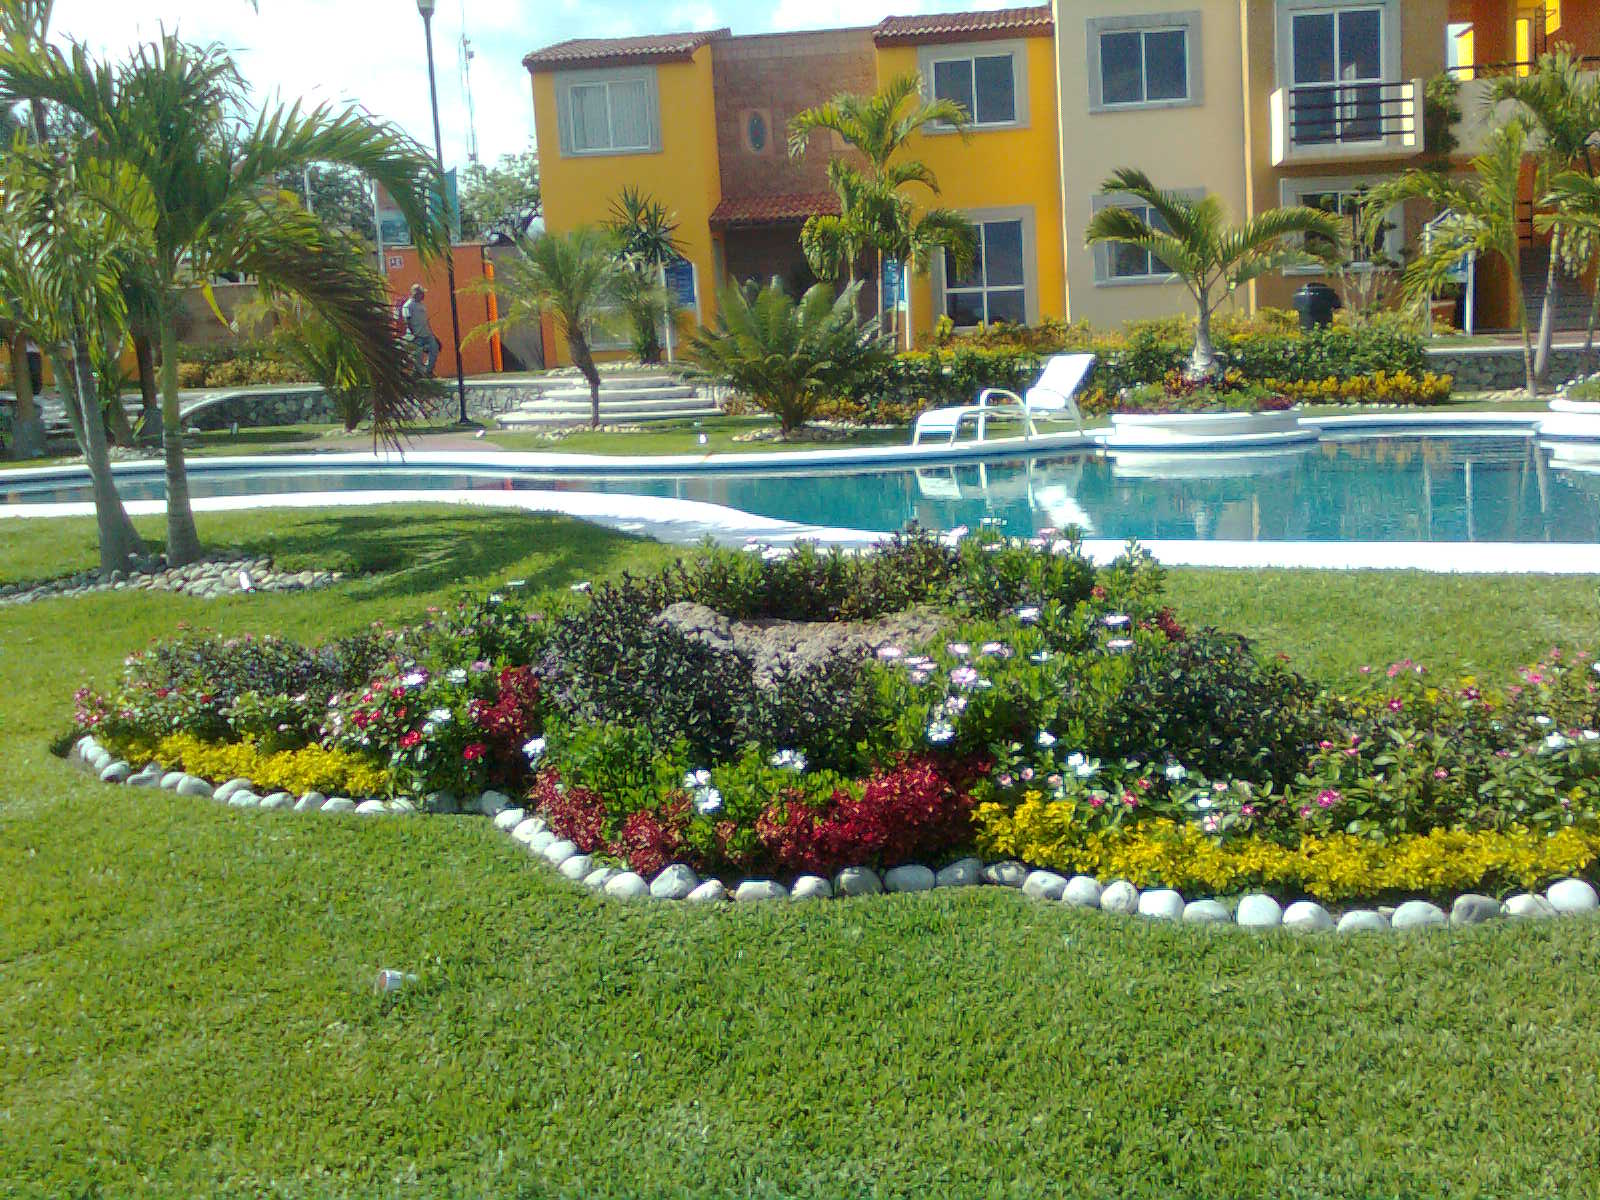 Creaciones en dise o de jardines chegue jardines for Aeiou el jardin de clarilu mp3